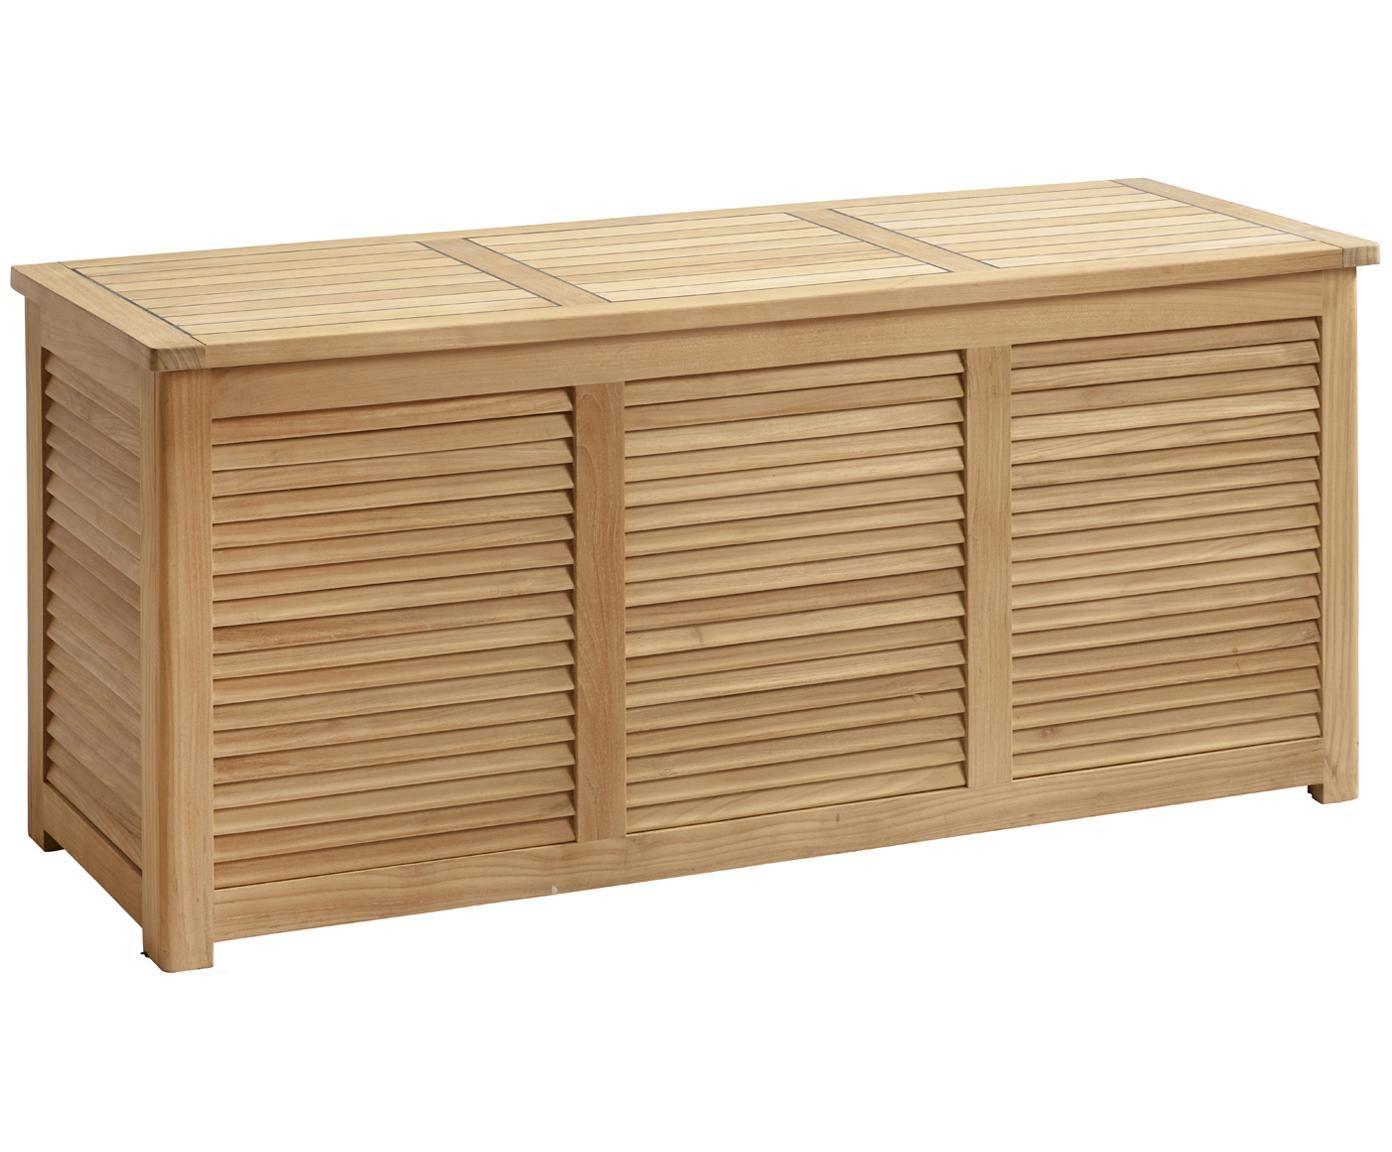 Auflagentruhe Storage Aus Holz En 2020 Rangement Bois Salle De Bain En Bambou Coffre De Rangement